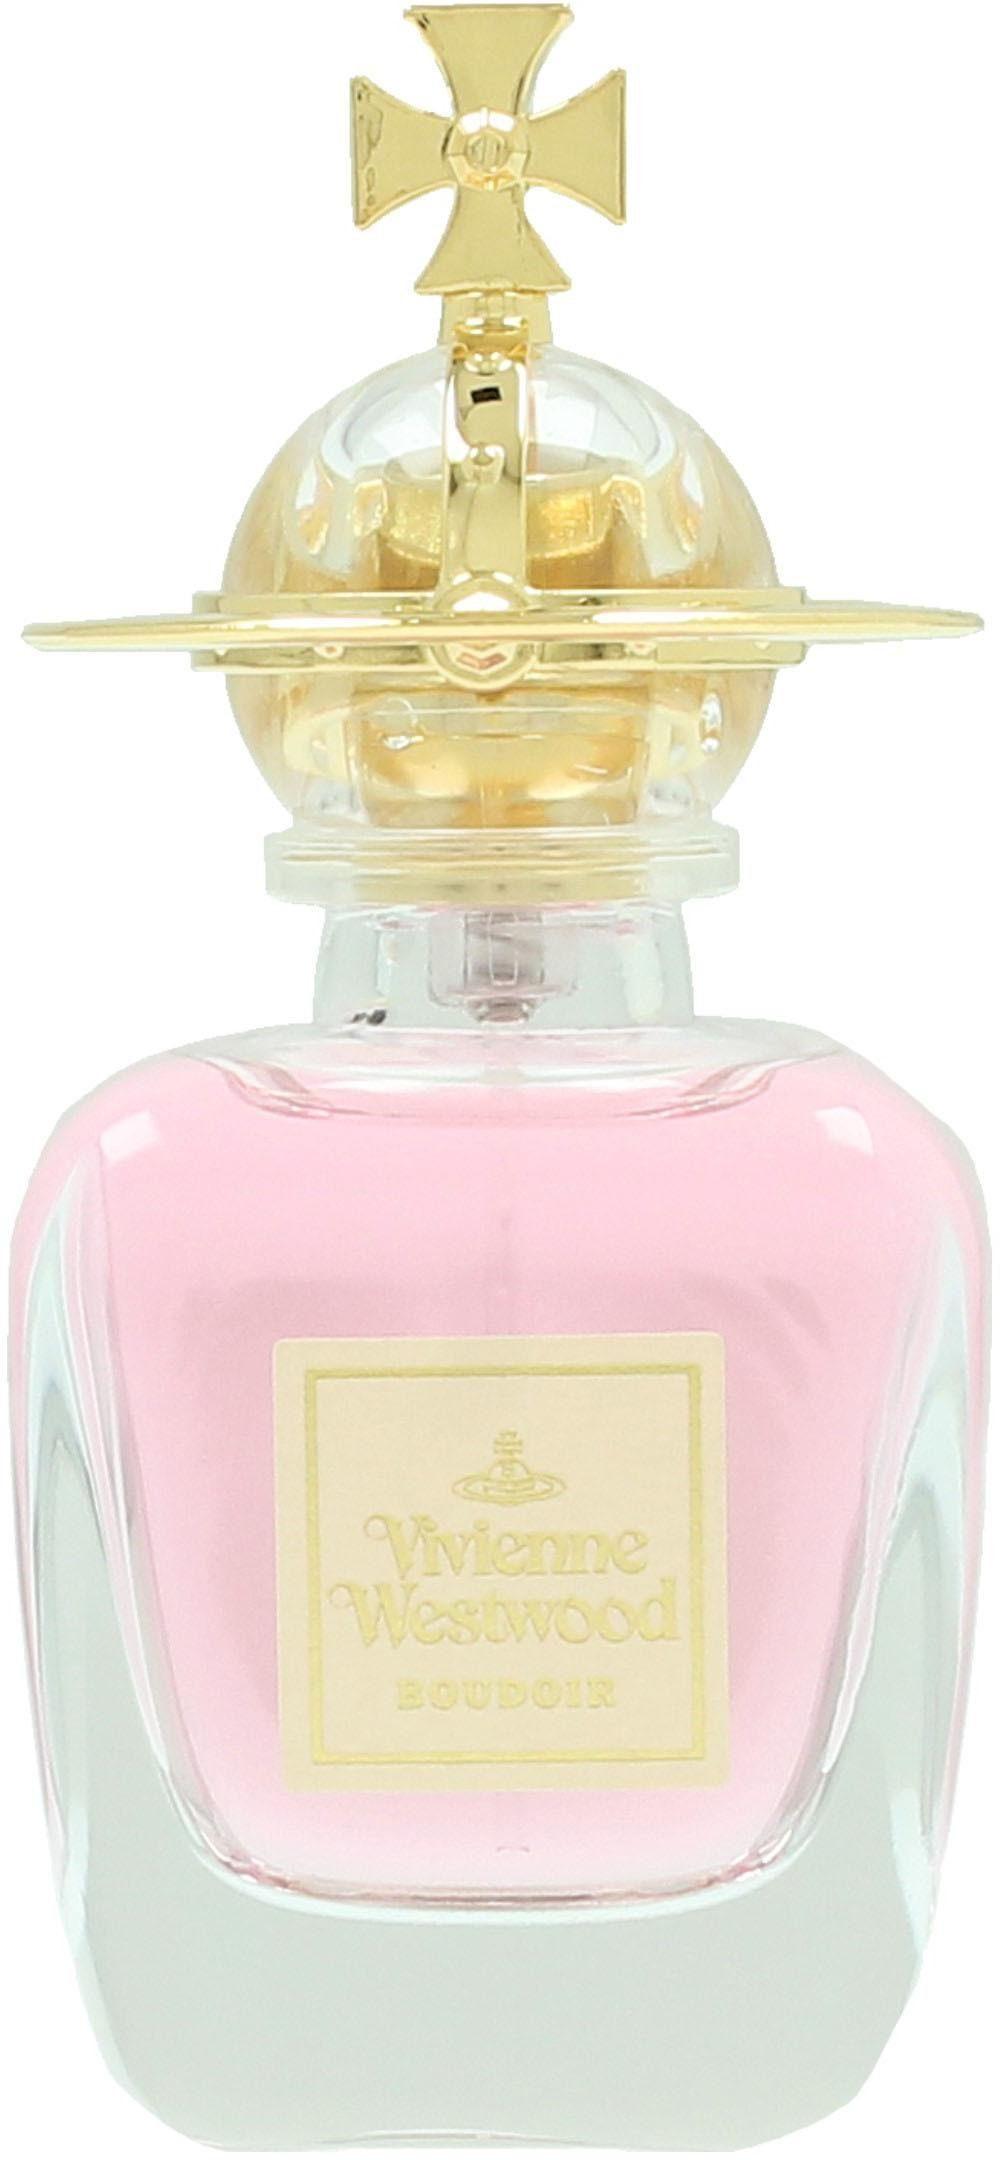 Vivienne Westwood, »Boudoir«, Eau de Parfum